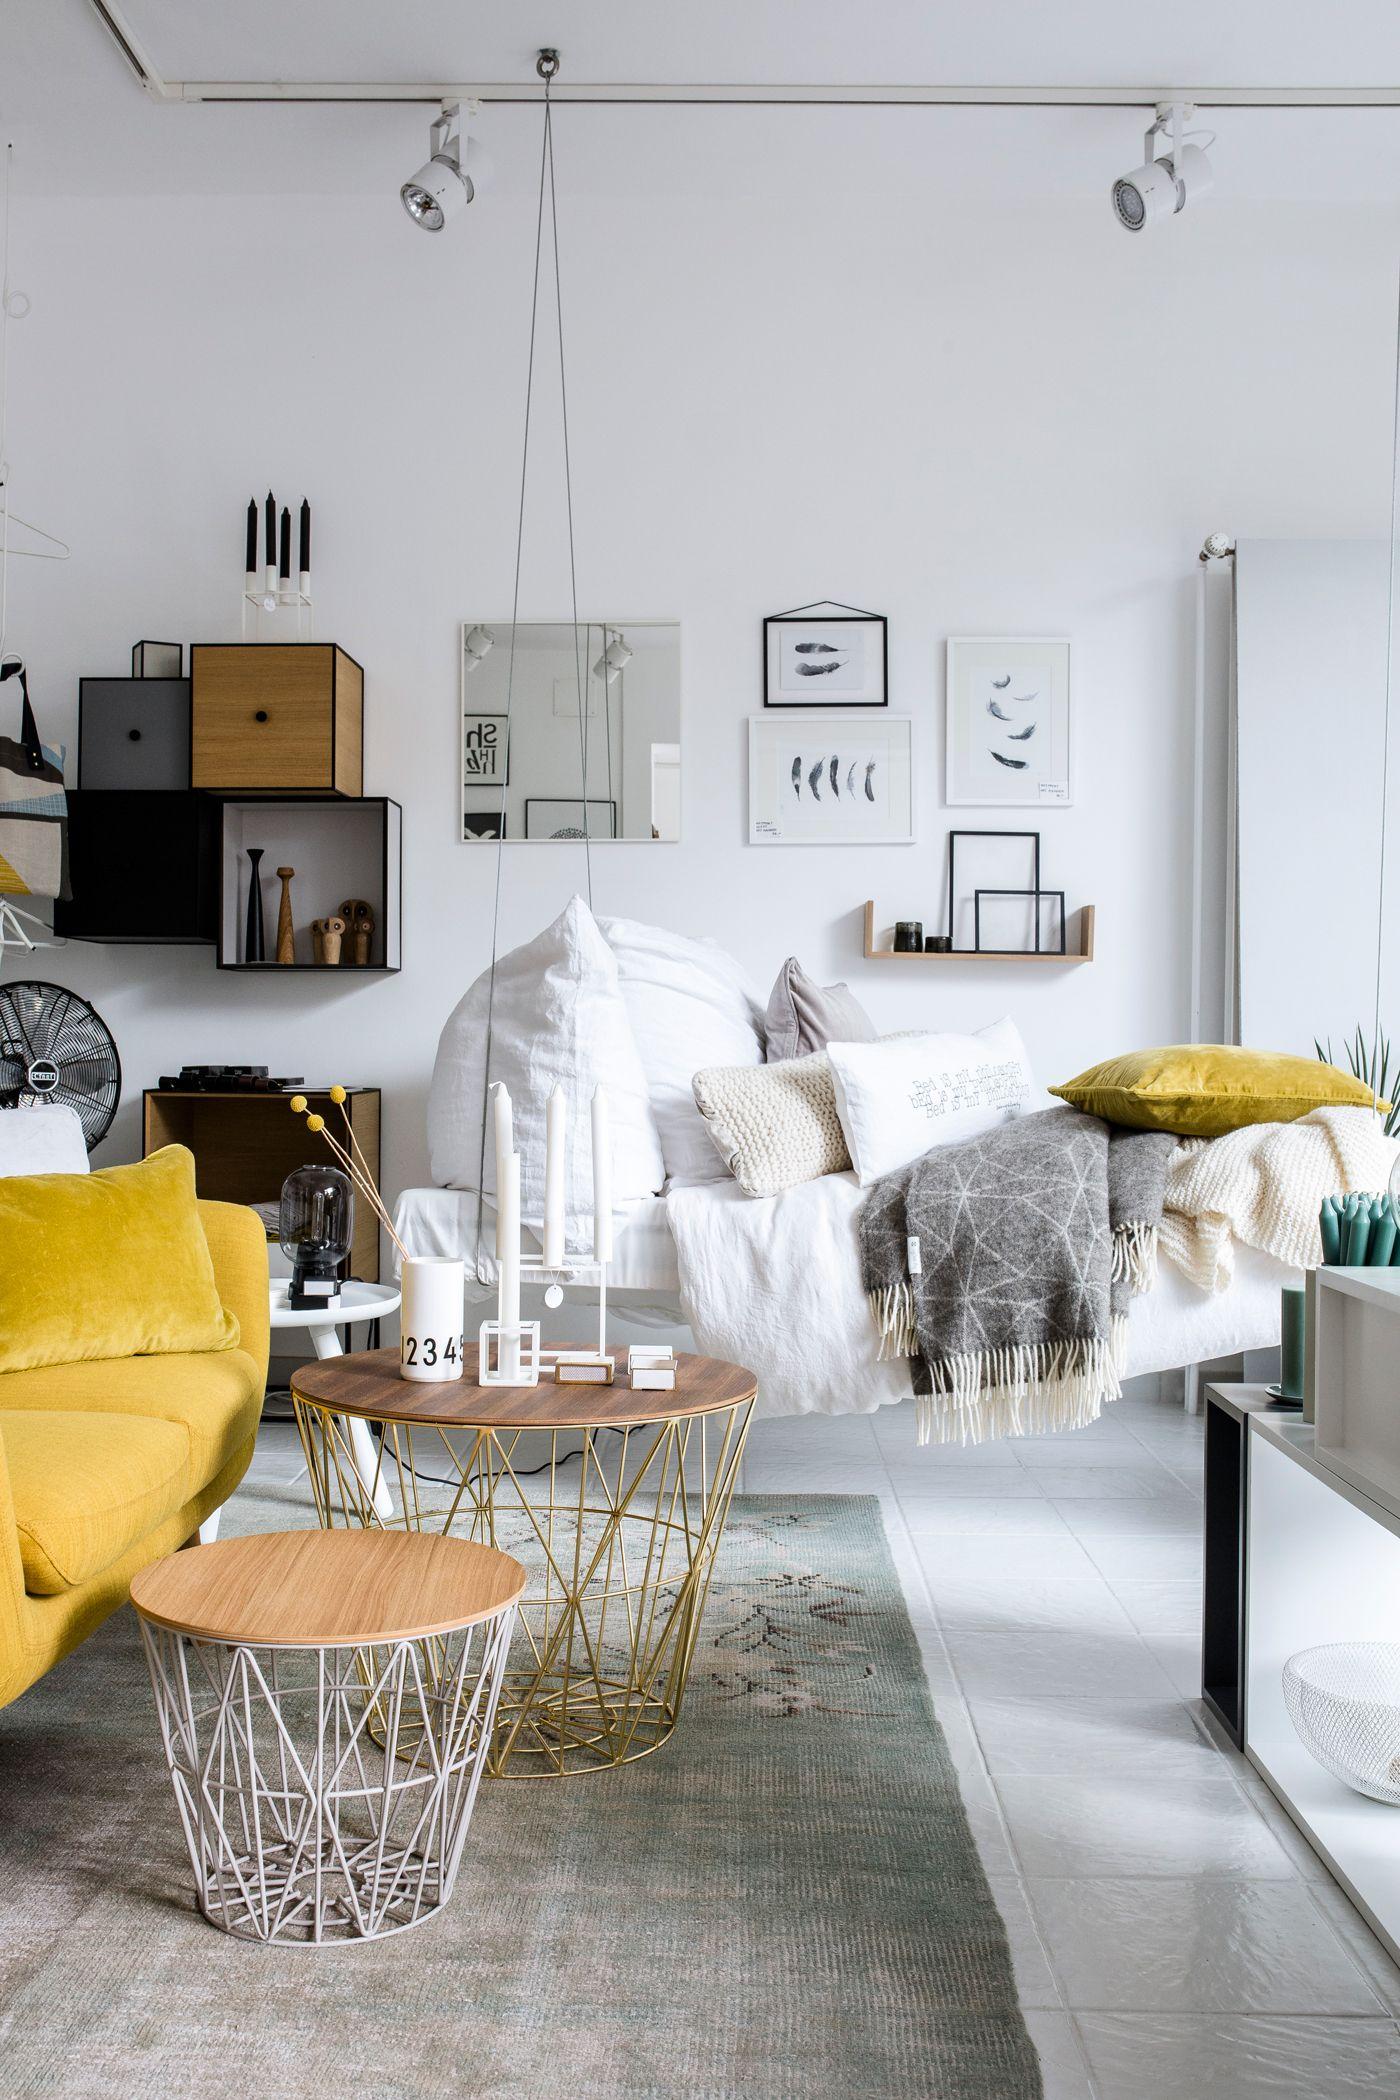 Un Joli Canapé Suspendu Et Une Déco Très Soignée PIÈCE SALON - Canapé convertible scandinave pour noël objet deco salon moderne